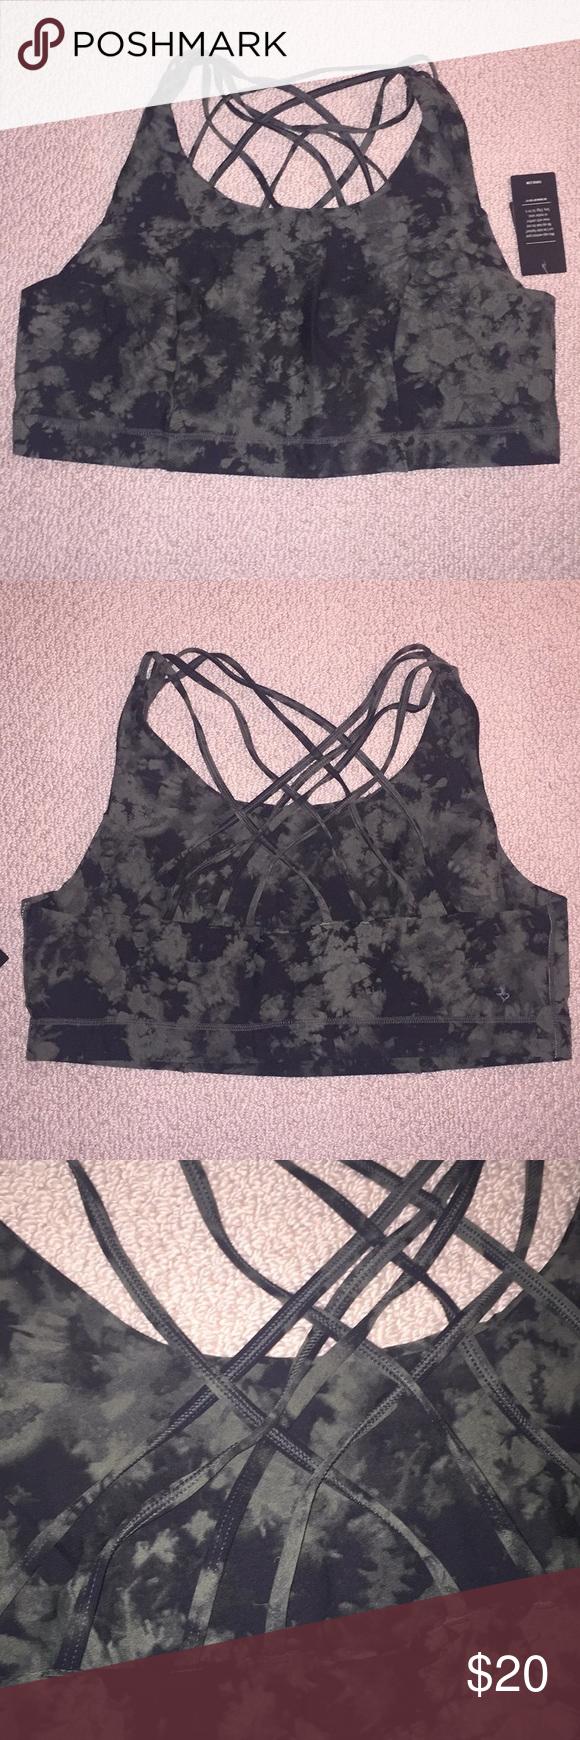 6dc6fb73b8 Tie-dye sports bra - active wear Plus size sports bra in Torrid size ...